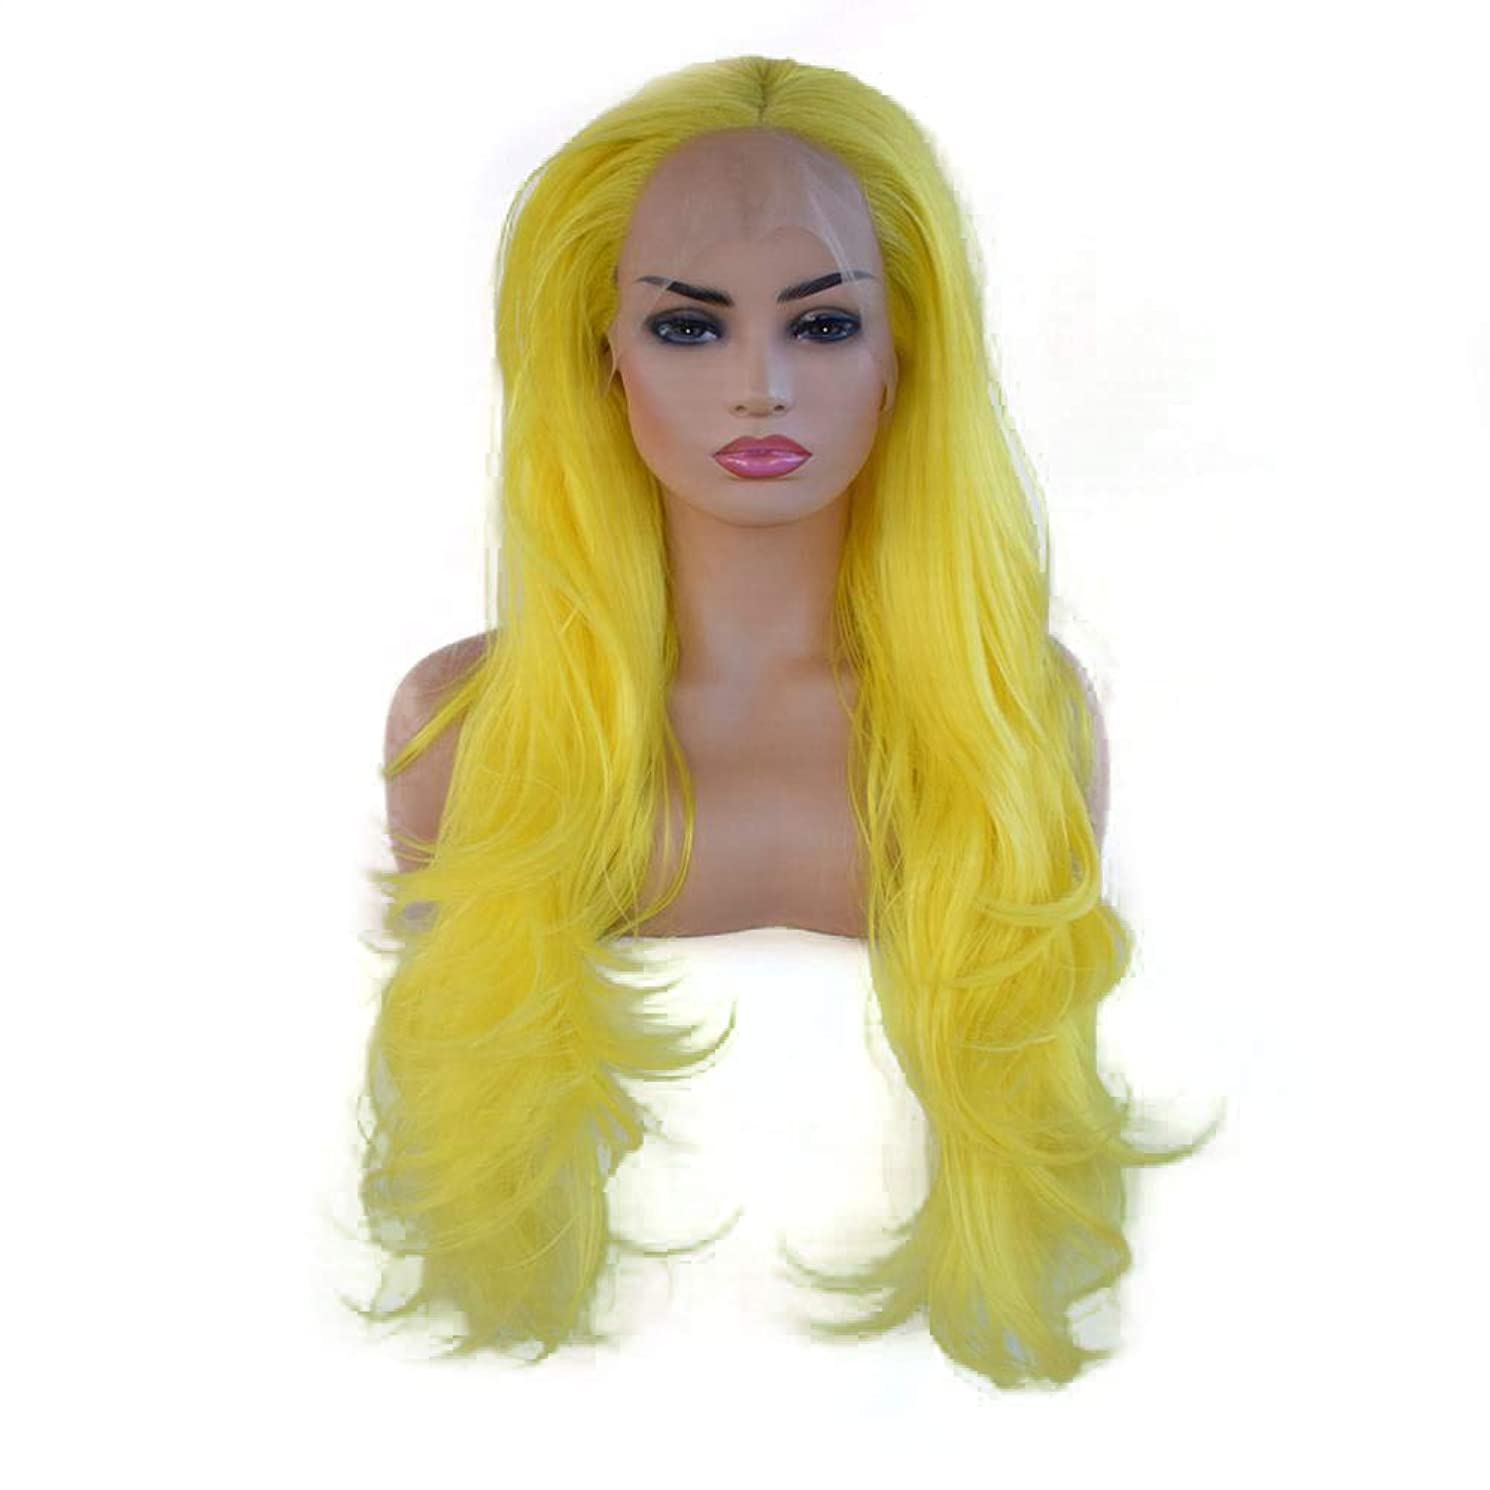 神経衰弱アーチあなたのものBOBIDYEE 黄色の女性の長い巻き毛のフロントレースの化学繊維かつらコスプレウィッグ合成髪のレースのかつらロールプレイングかつら (色 : イエロー)